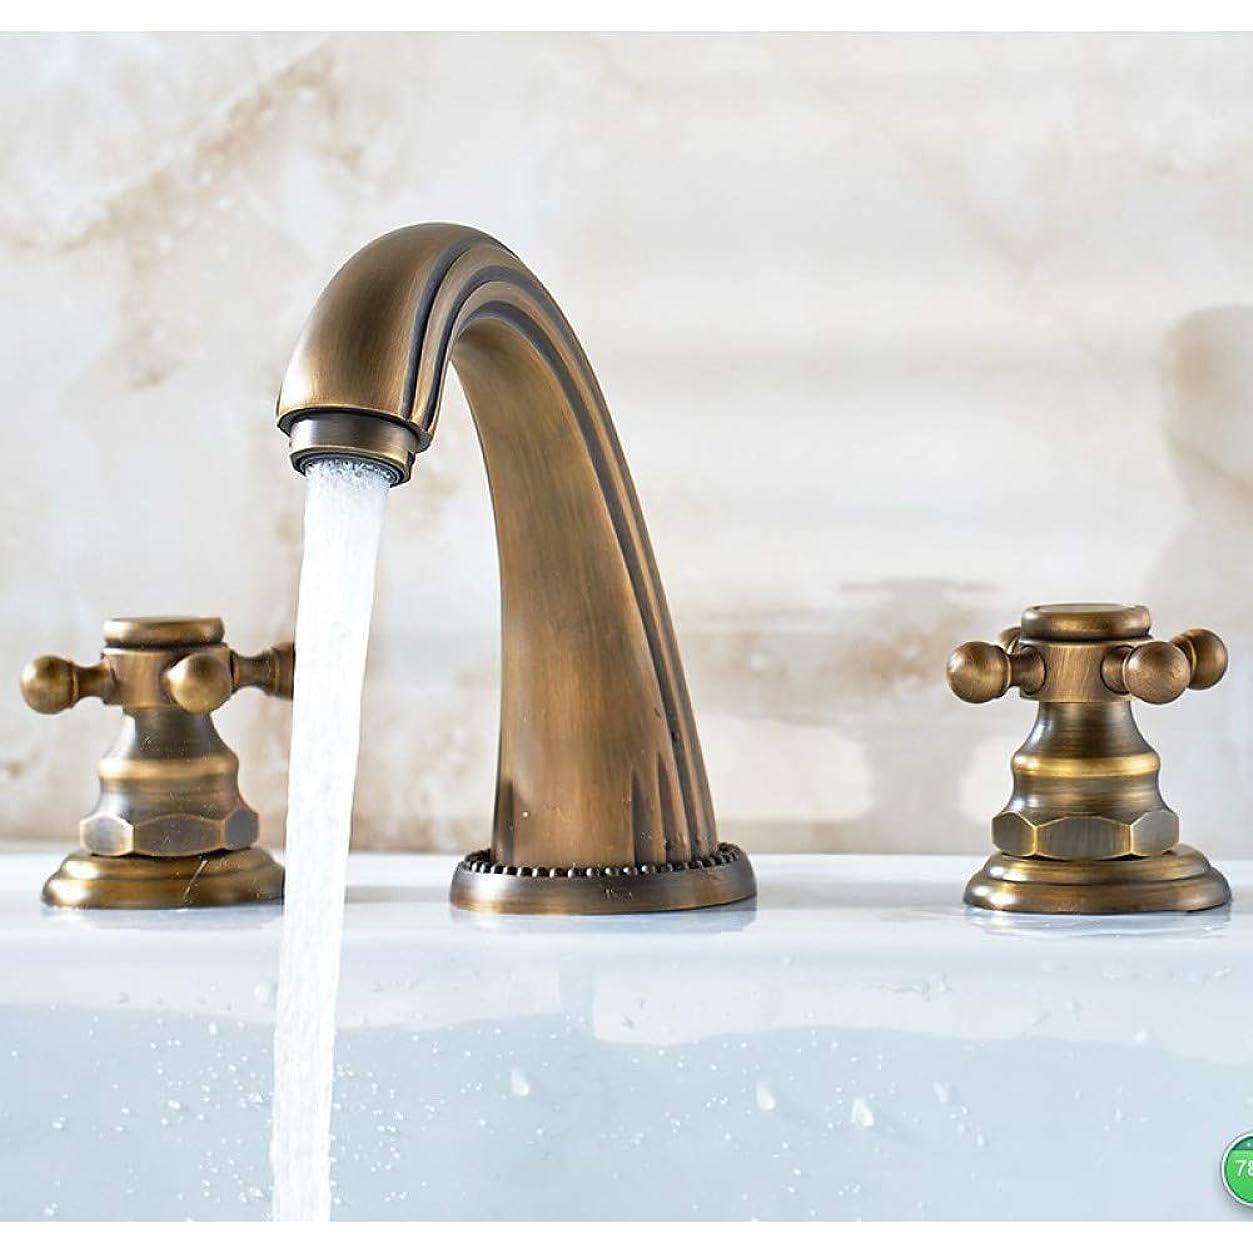 カリング敏感な急降下キッチンバスルーム蛇口デッキはアンティーク真鍮デュアルハンドルミキサータップ浴室容器シンク盆地の蛇口をマウント